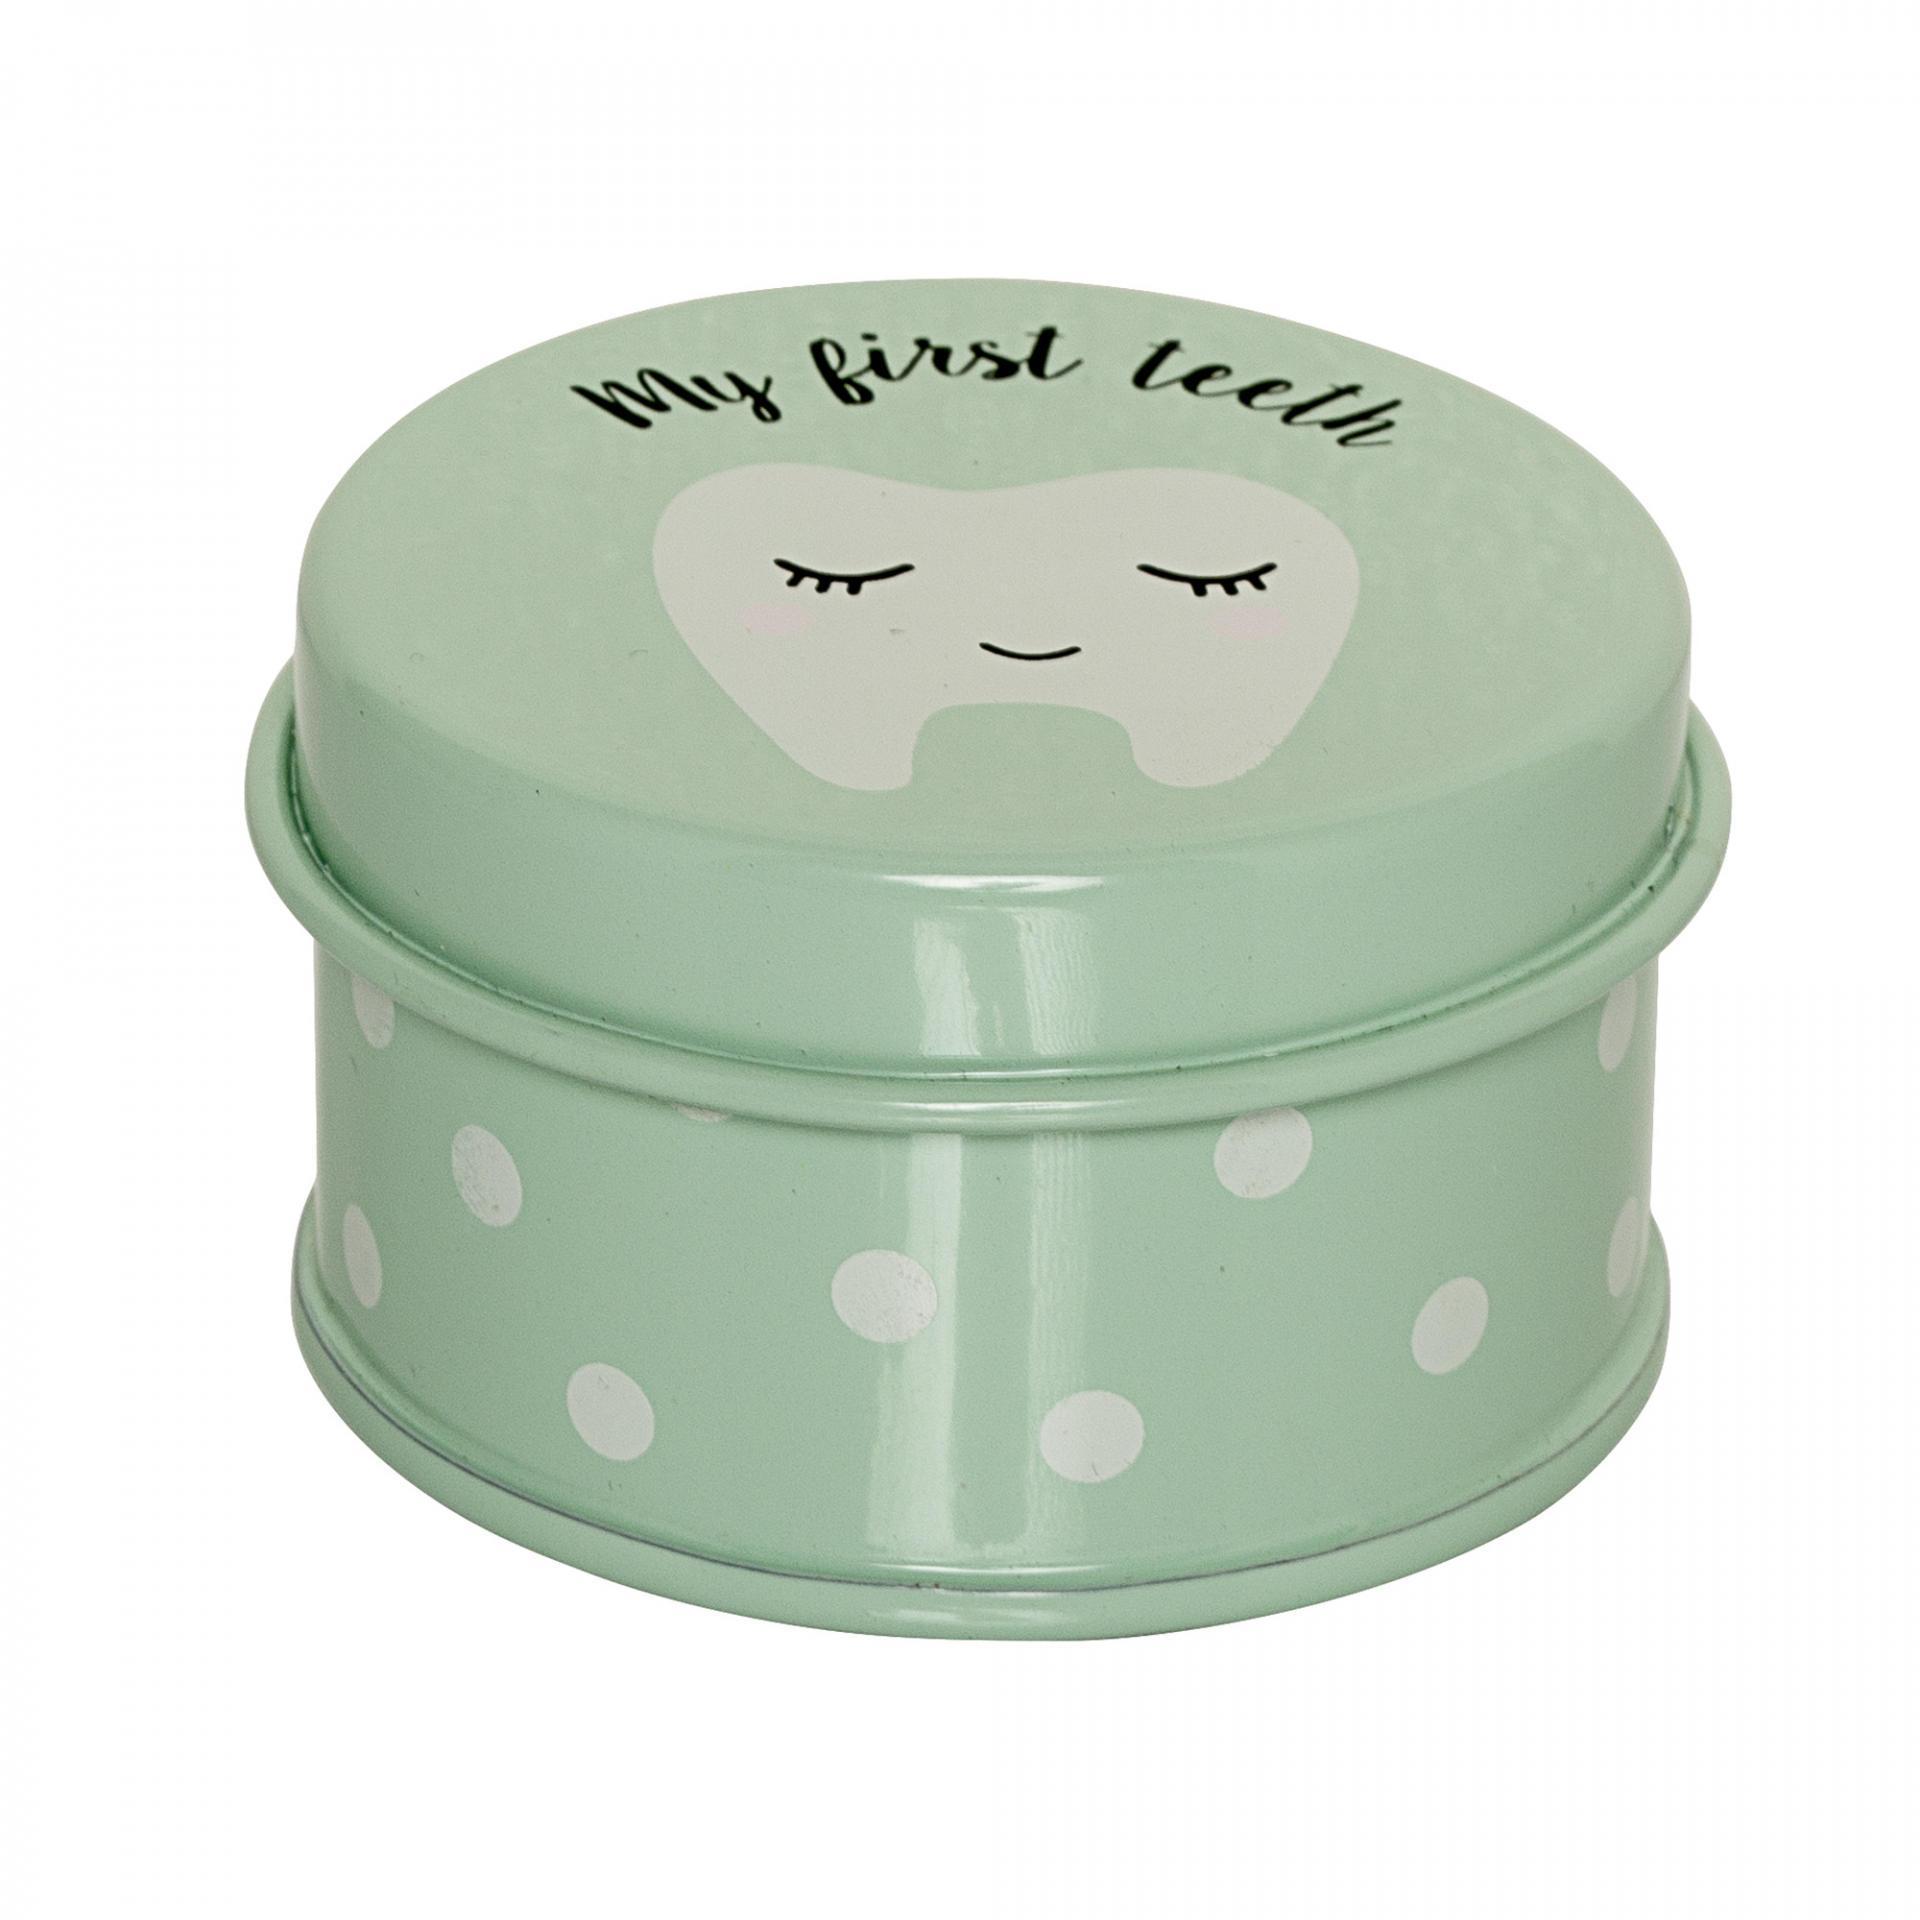 Bloomingville Kovová krabička na zoubky Mint, zelená barva, kov